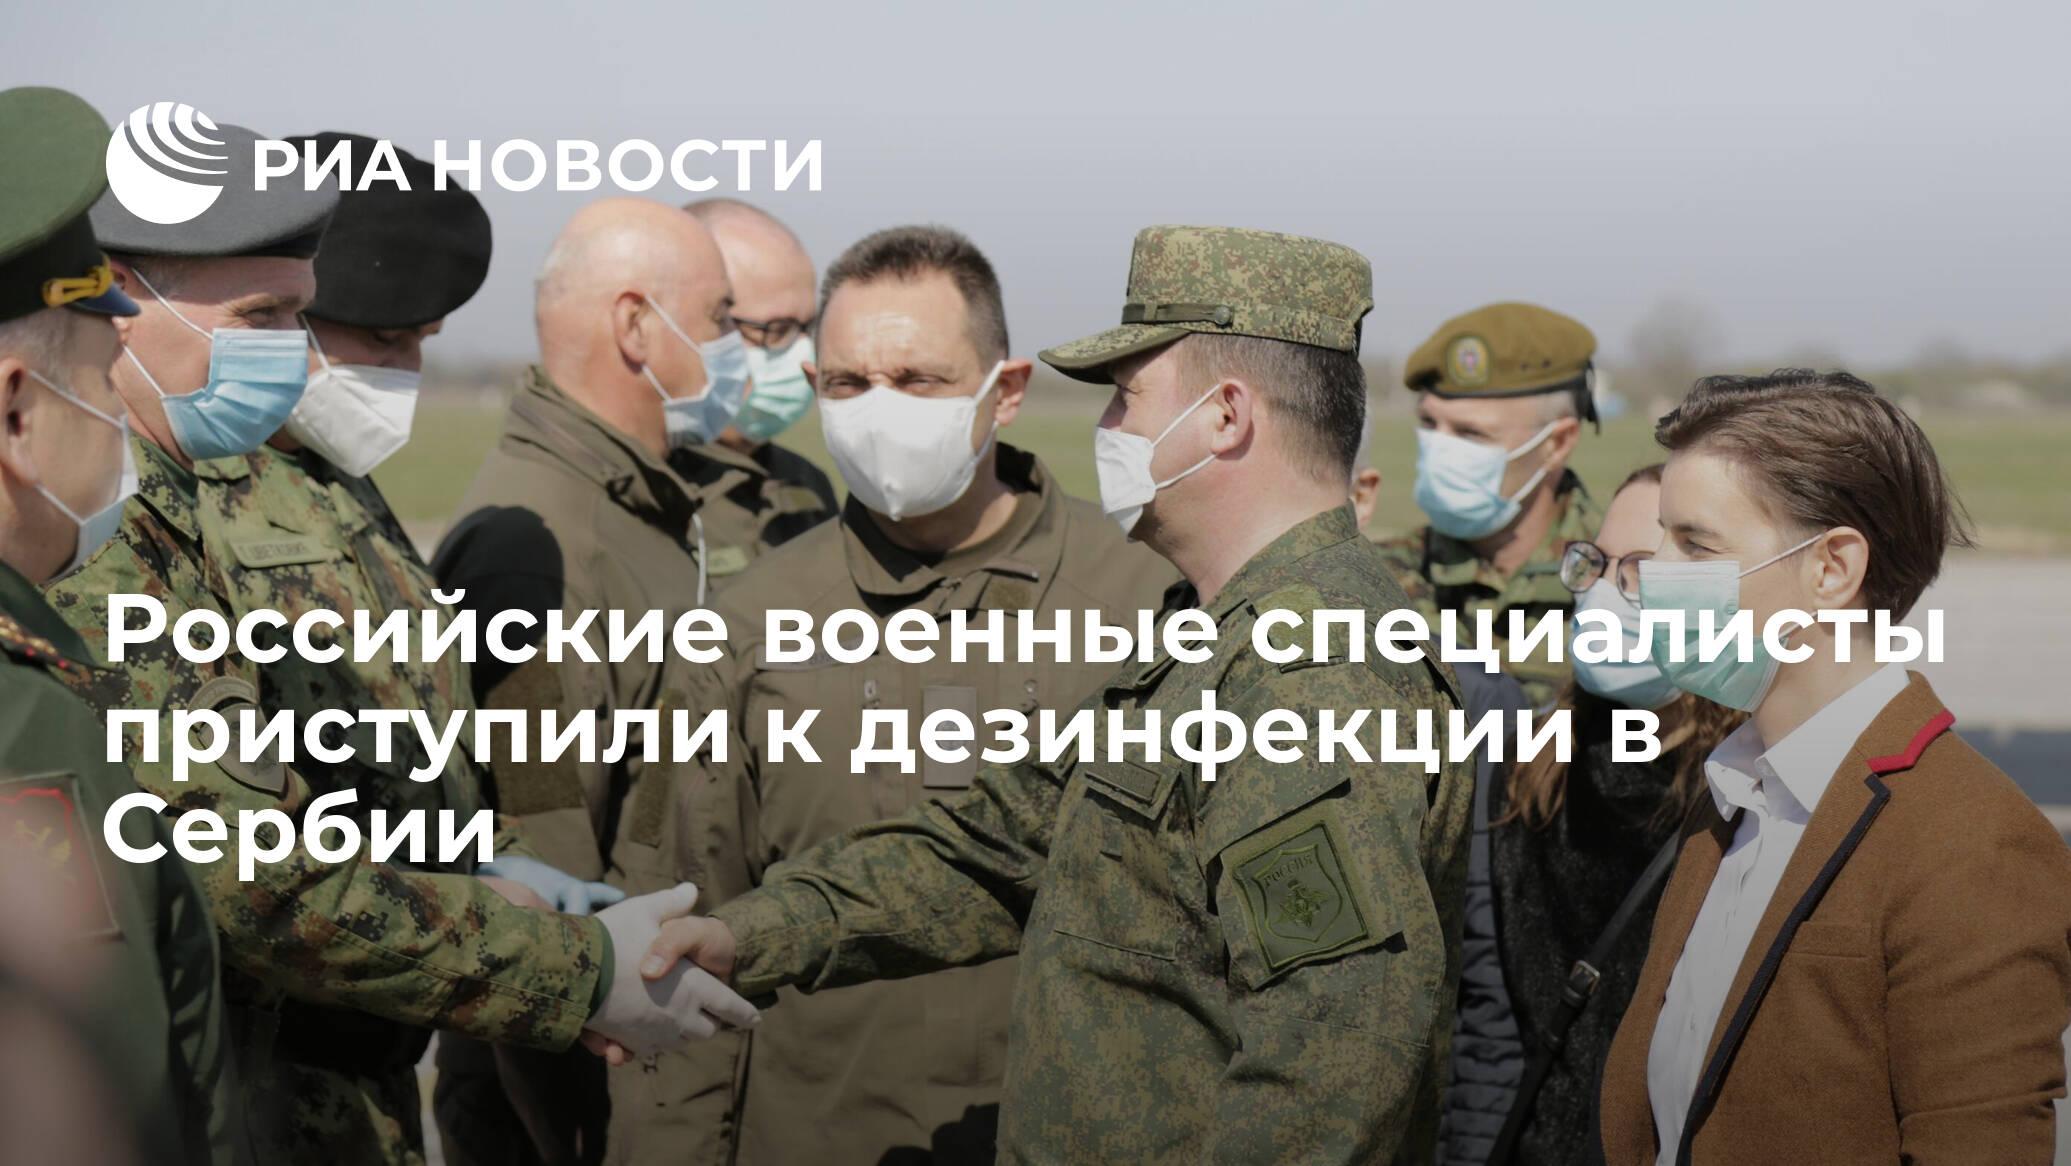 Российские военные специалисты приступили к дезинфекции в Сербии